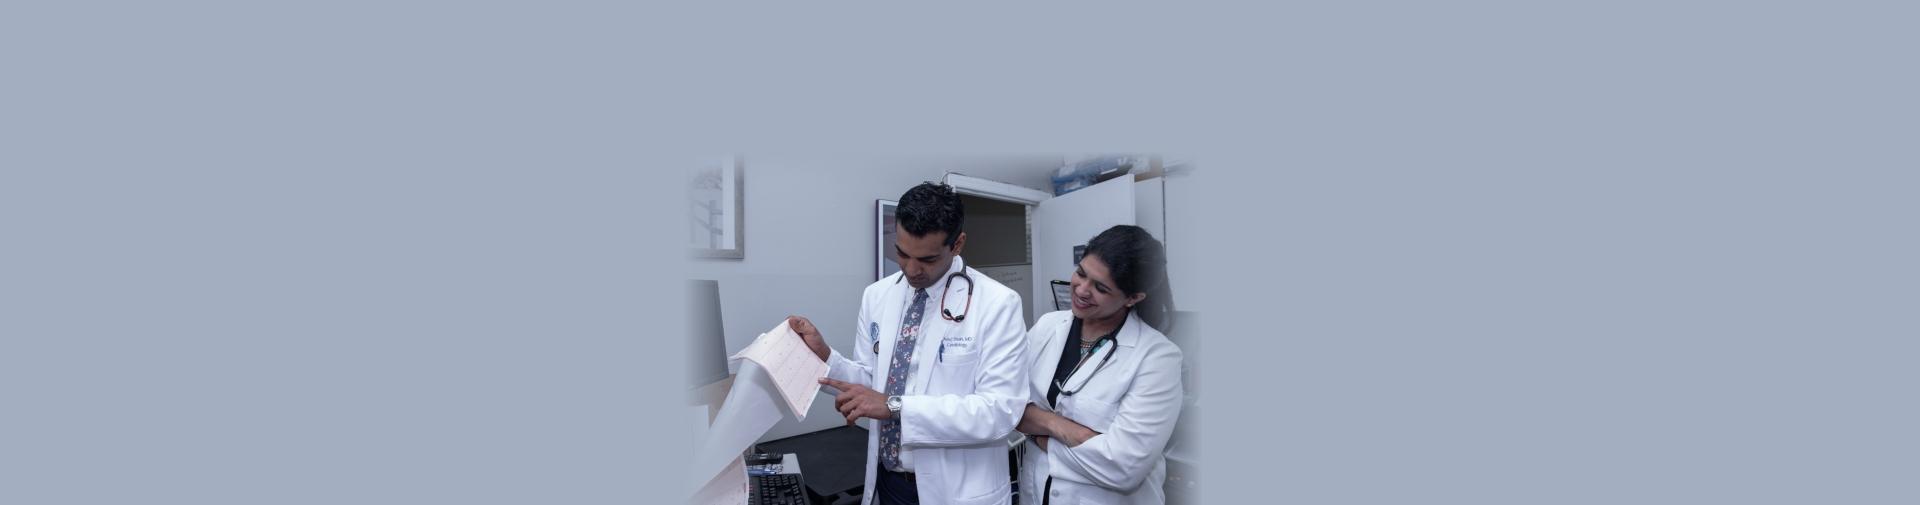 doctors planning